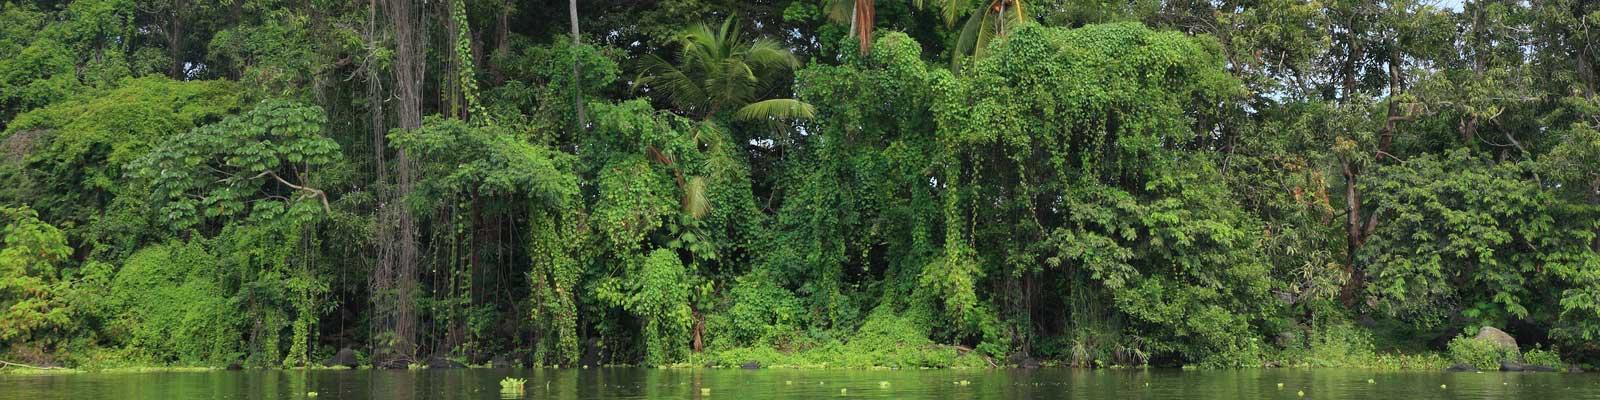 Nicaragua Lagos Florestas Compre, Venda. Vilas e Pousadas.